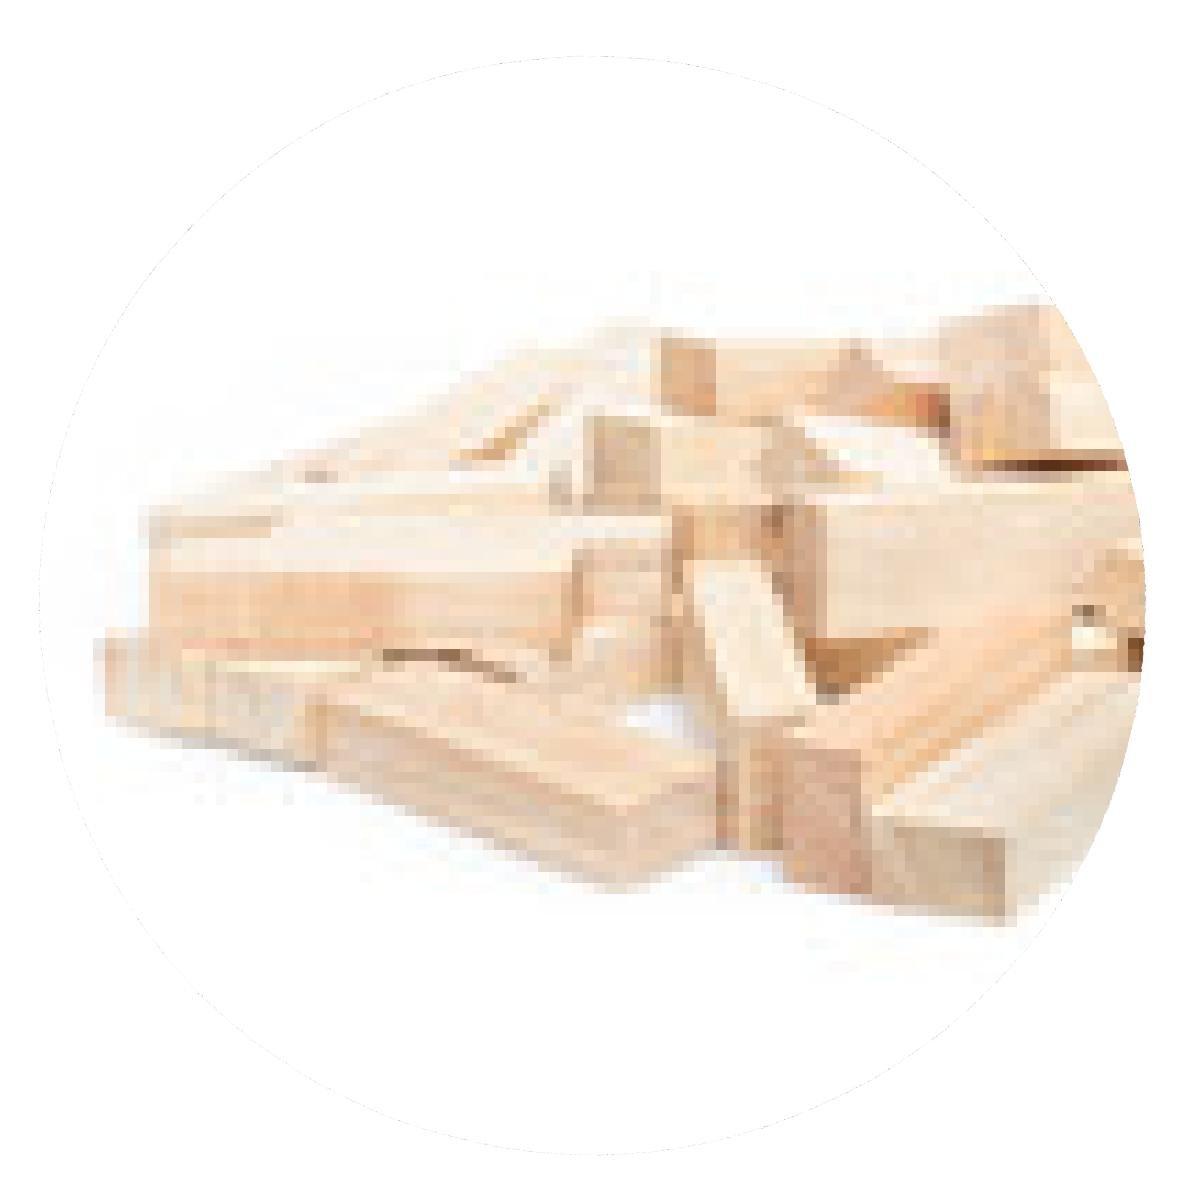 alfombrilla de ratón juego de los bloques de madera (jenga) aislar sobre fondo blanco.: Amazon.es: Electrónica